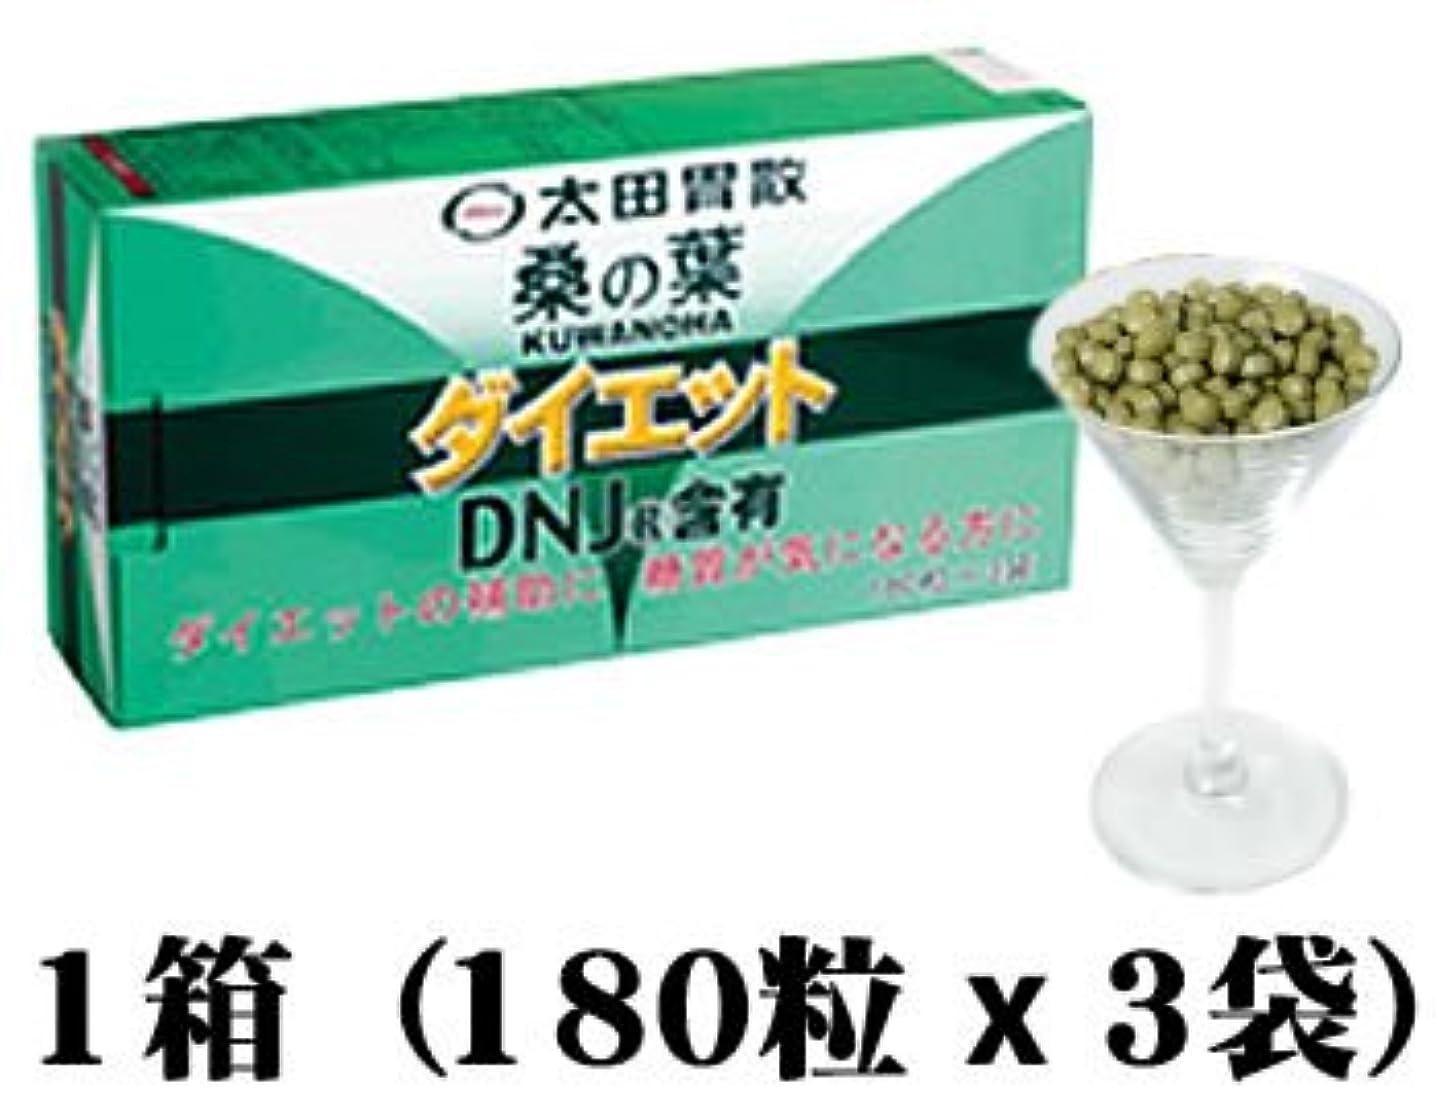 ラビリンスメダル容赦ない太田胃散 桑の葉ダイエット詰替用(180粒×3袋入)